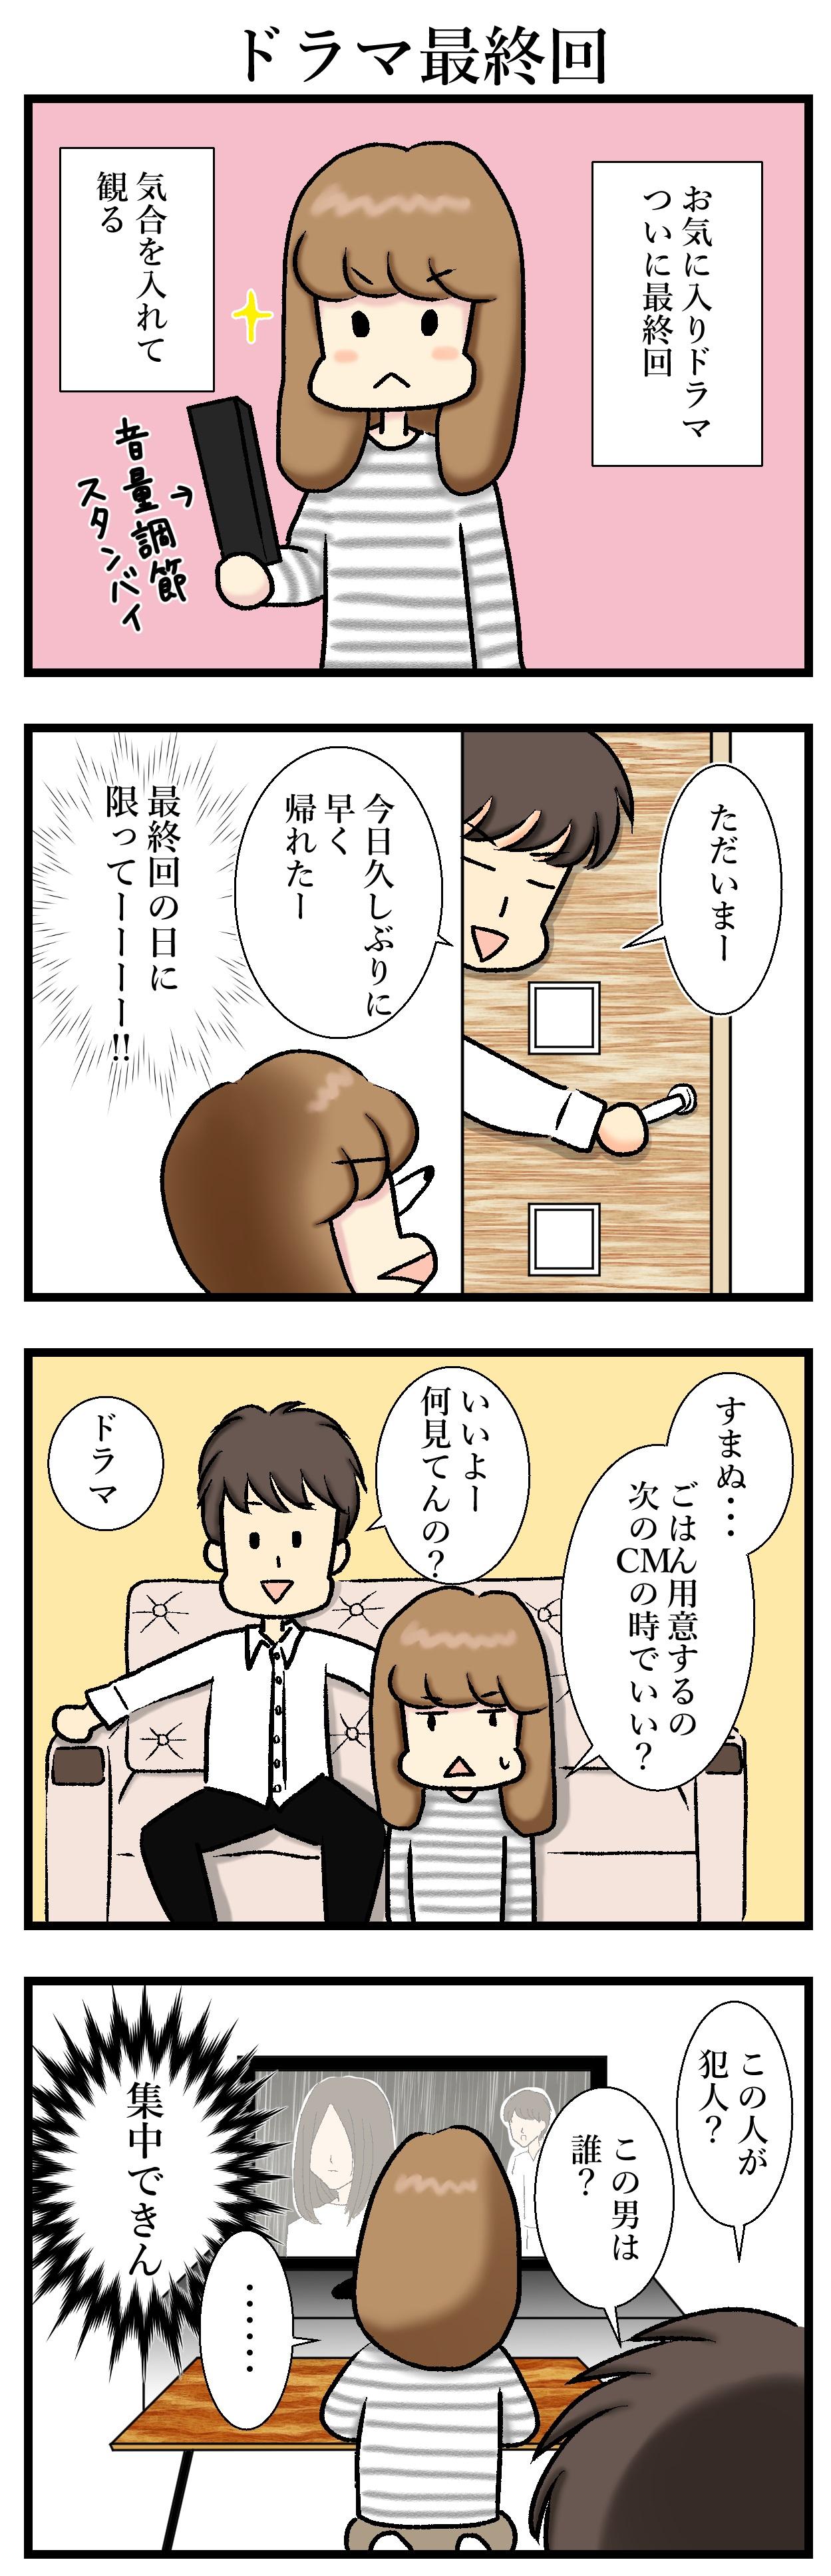 【エッセイ漫画】アラサー主婦くま子のふがいない日常(9)